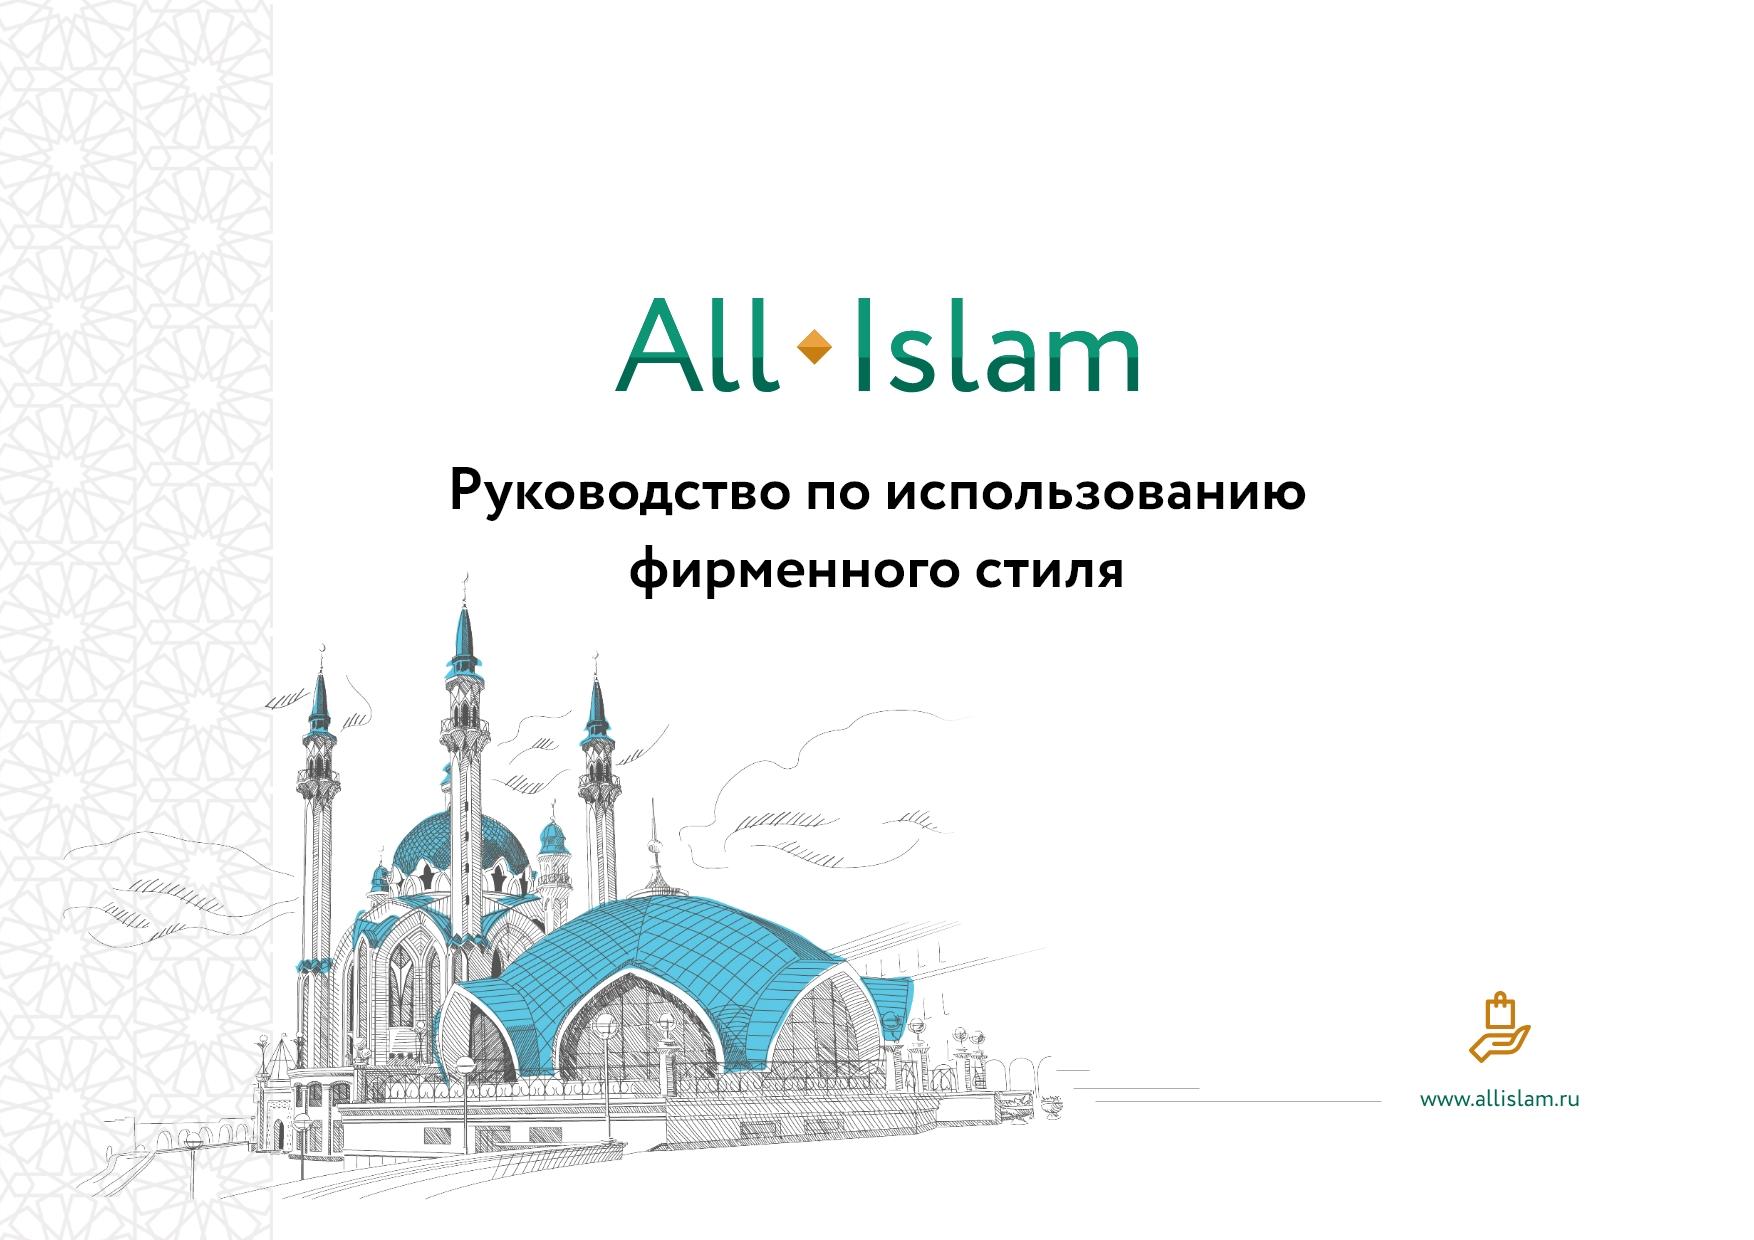 Гайдбук ALLIslam